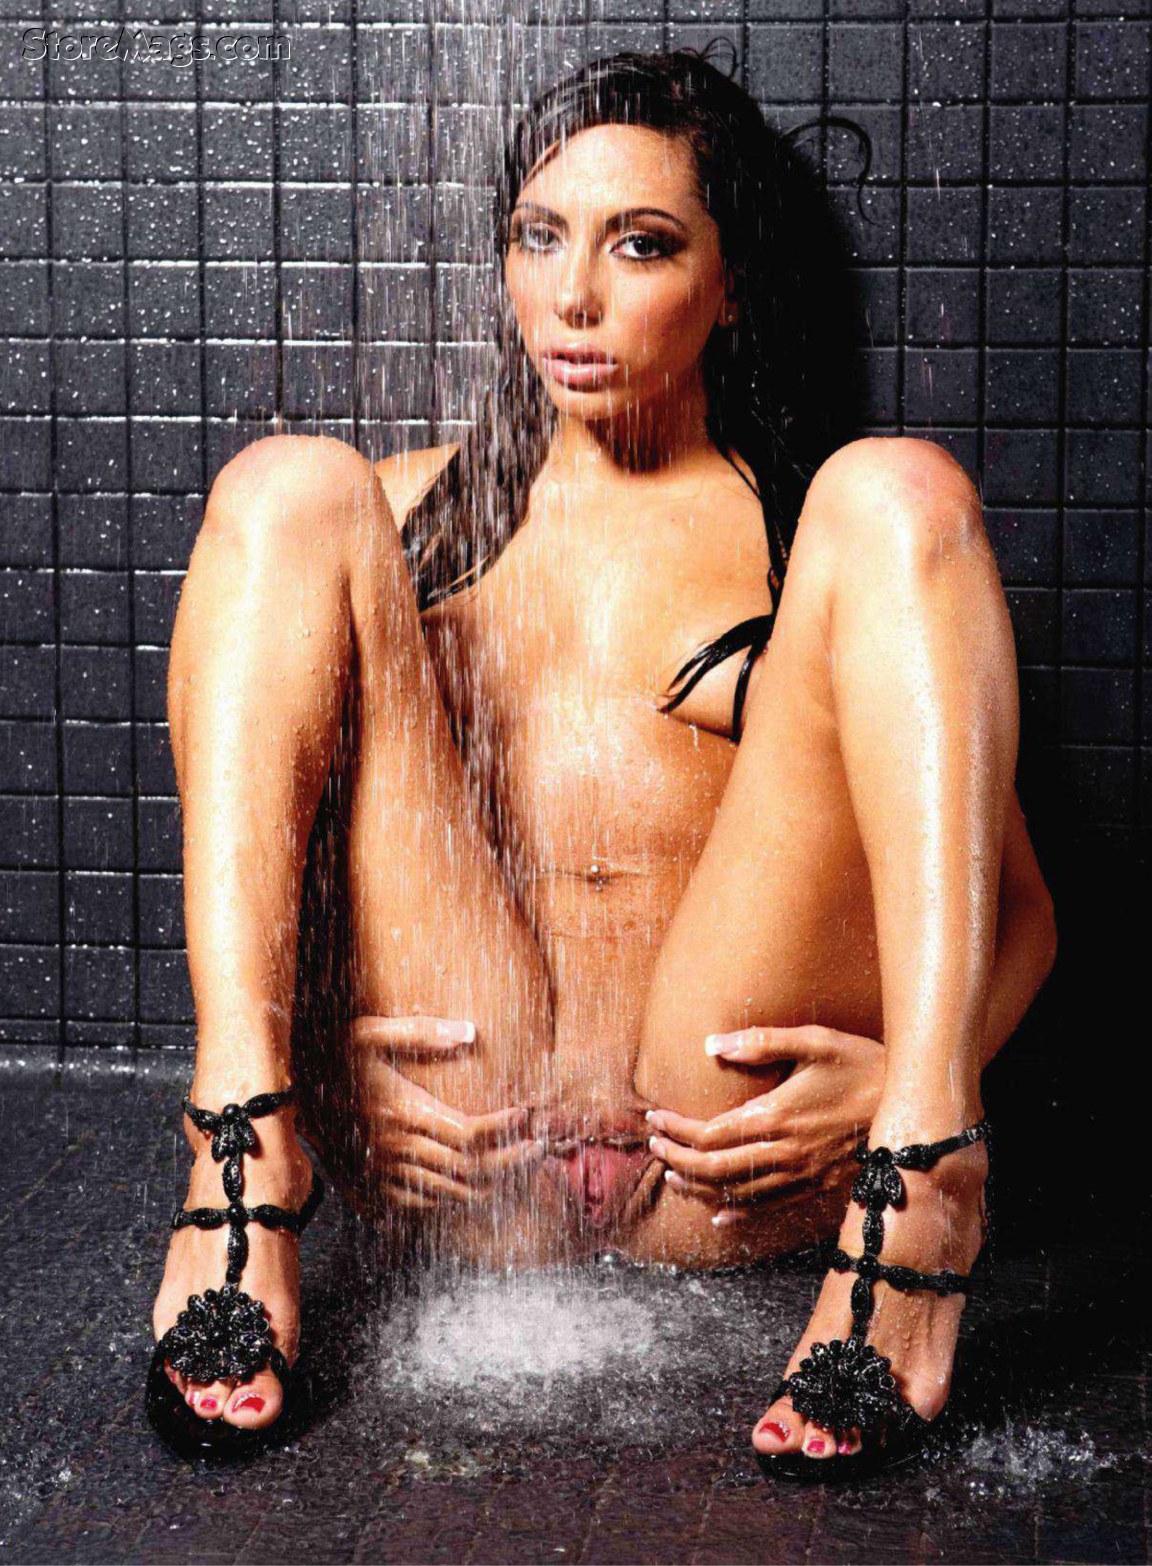 Of Fotos De Chicas Mujeres Chicos Y Hombres Desnudos Desnudas Sin Ropa